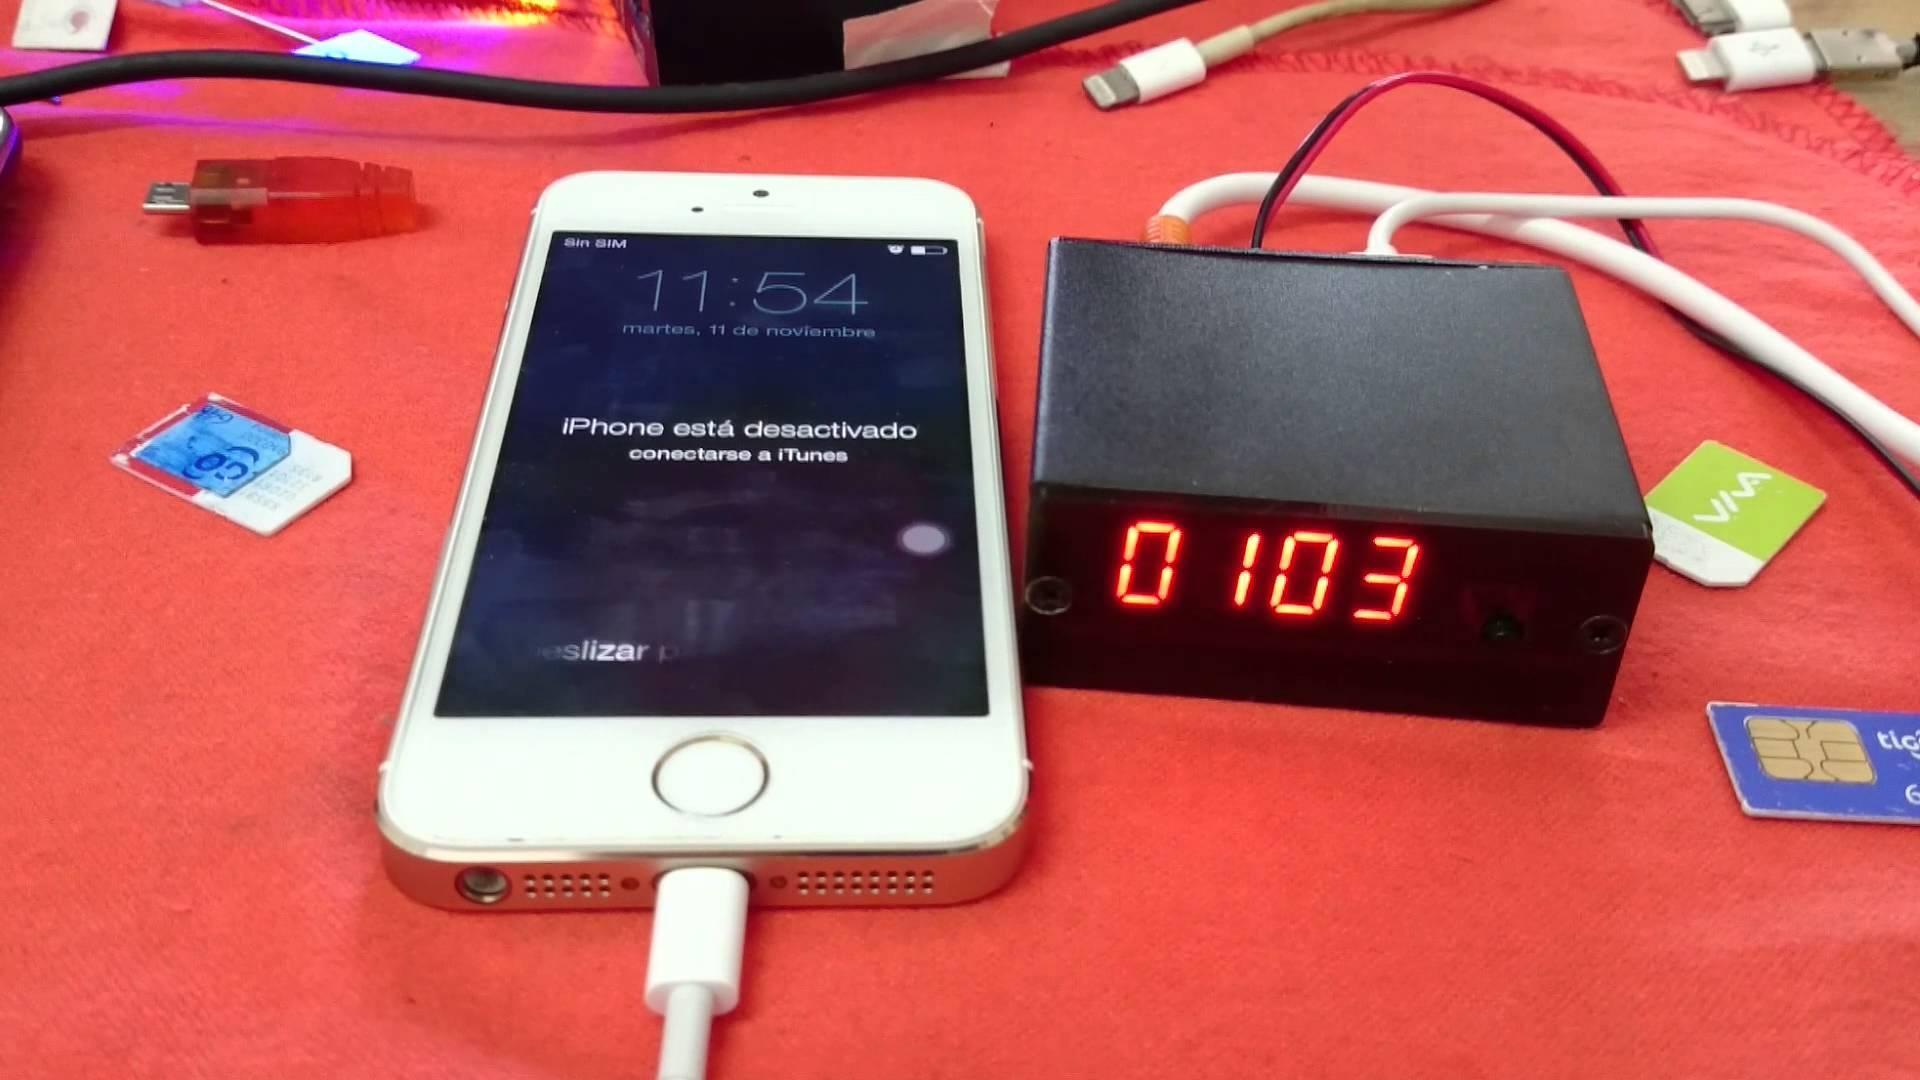 Mở khóa iPhone chỉ với 6 giây? 1